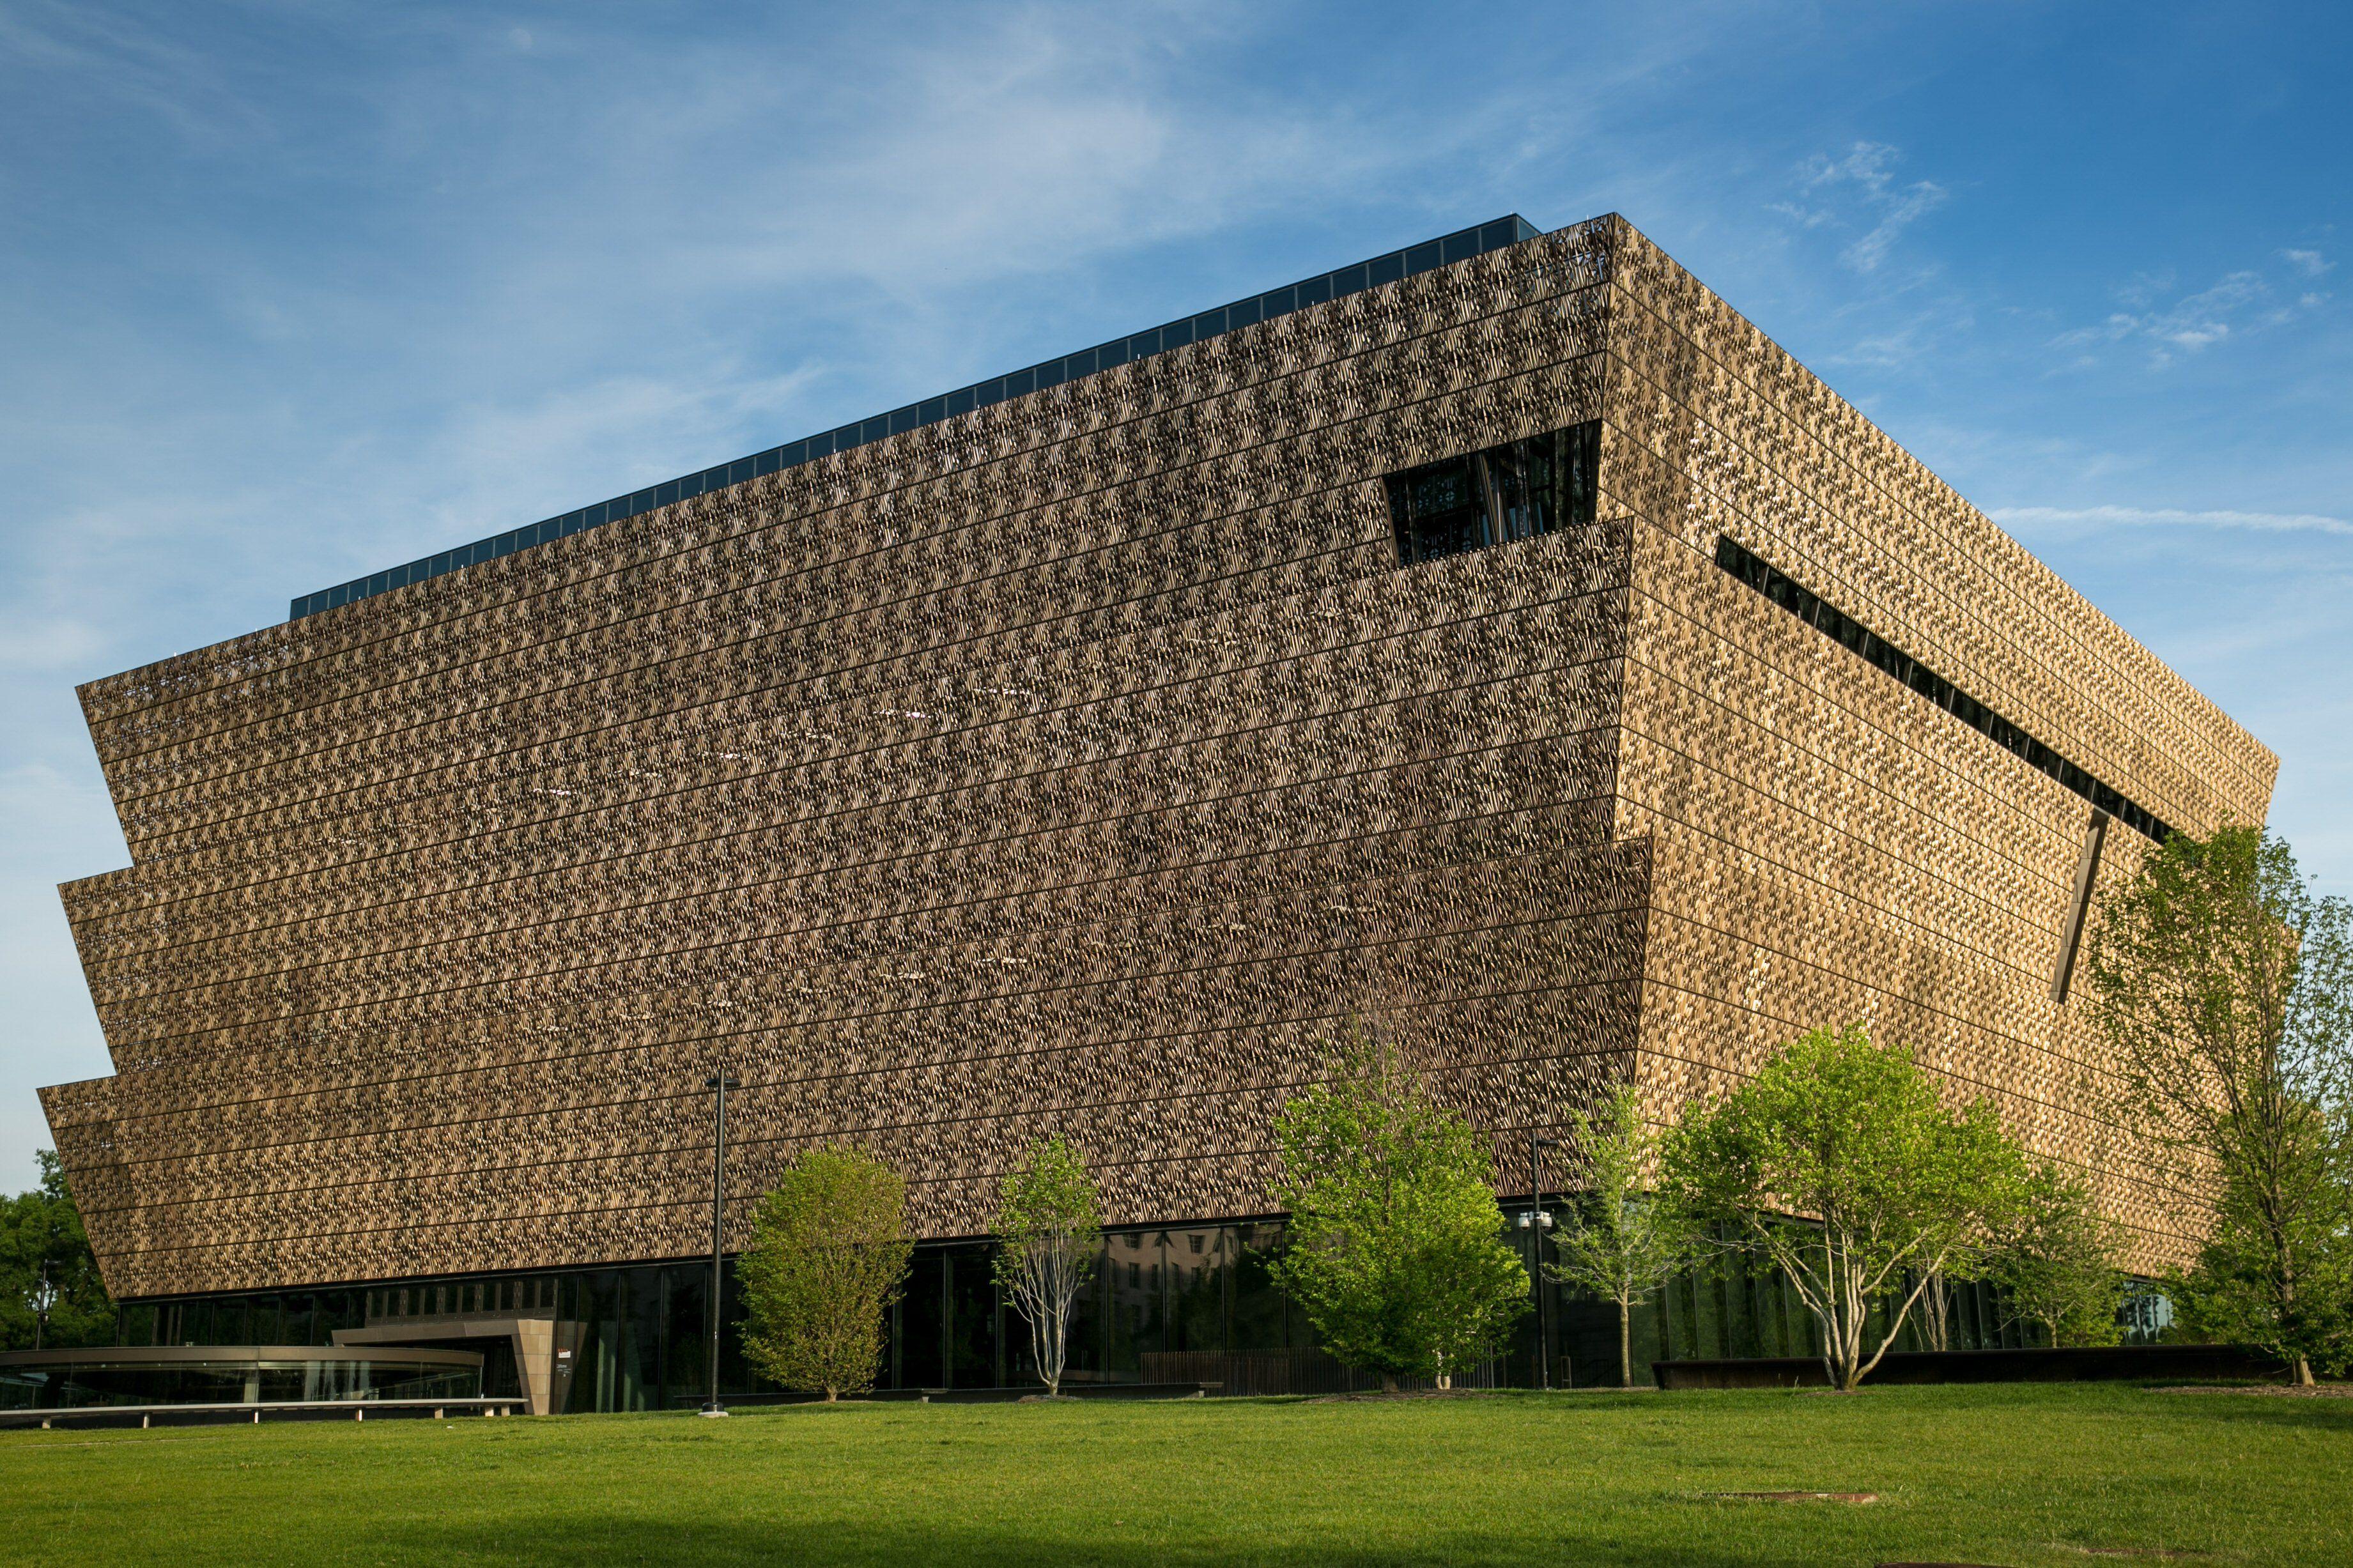 brown, mesh metal exterior of boat hull-like building